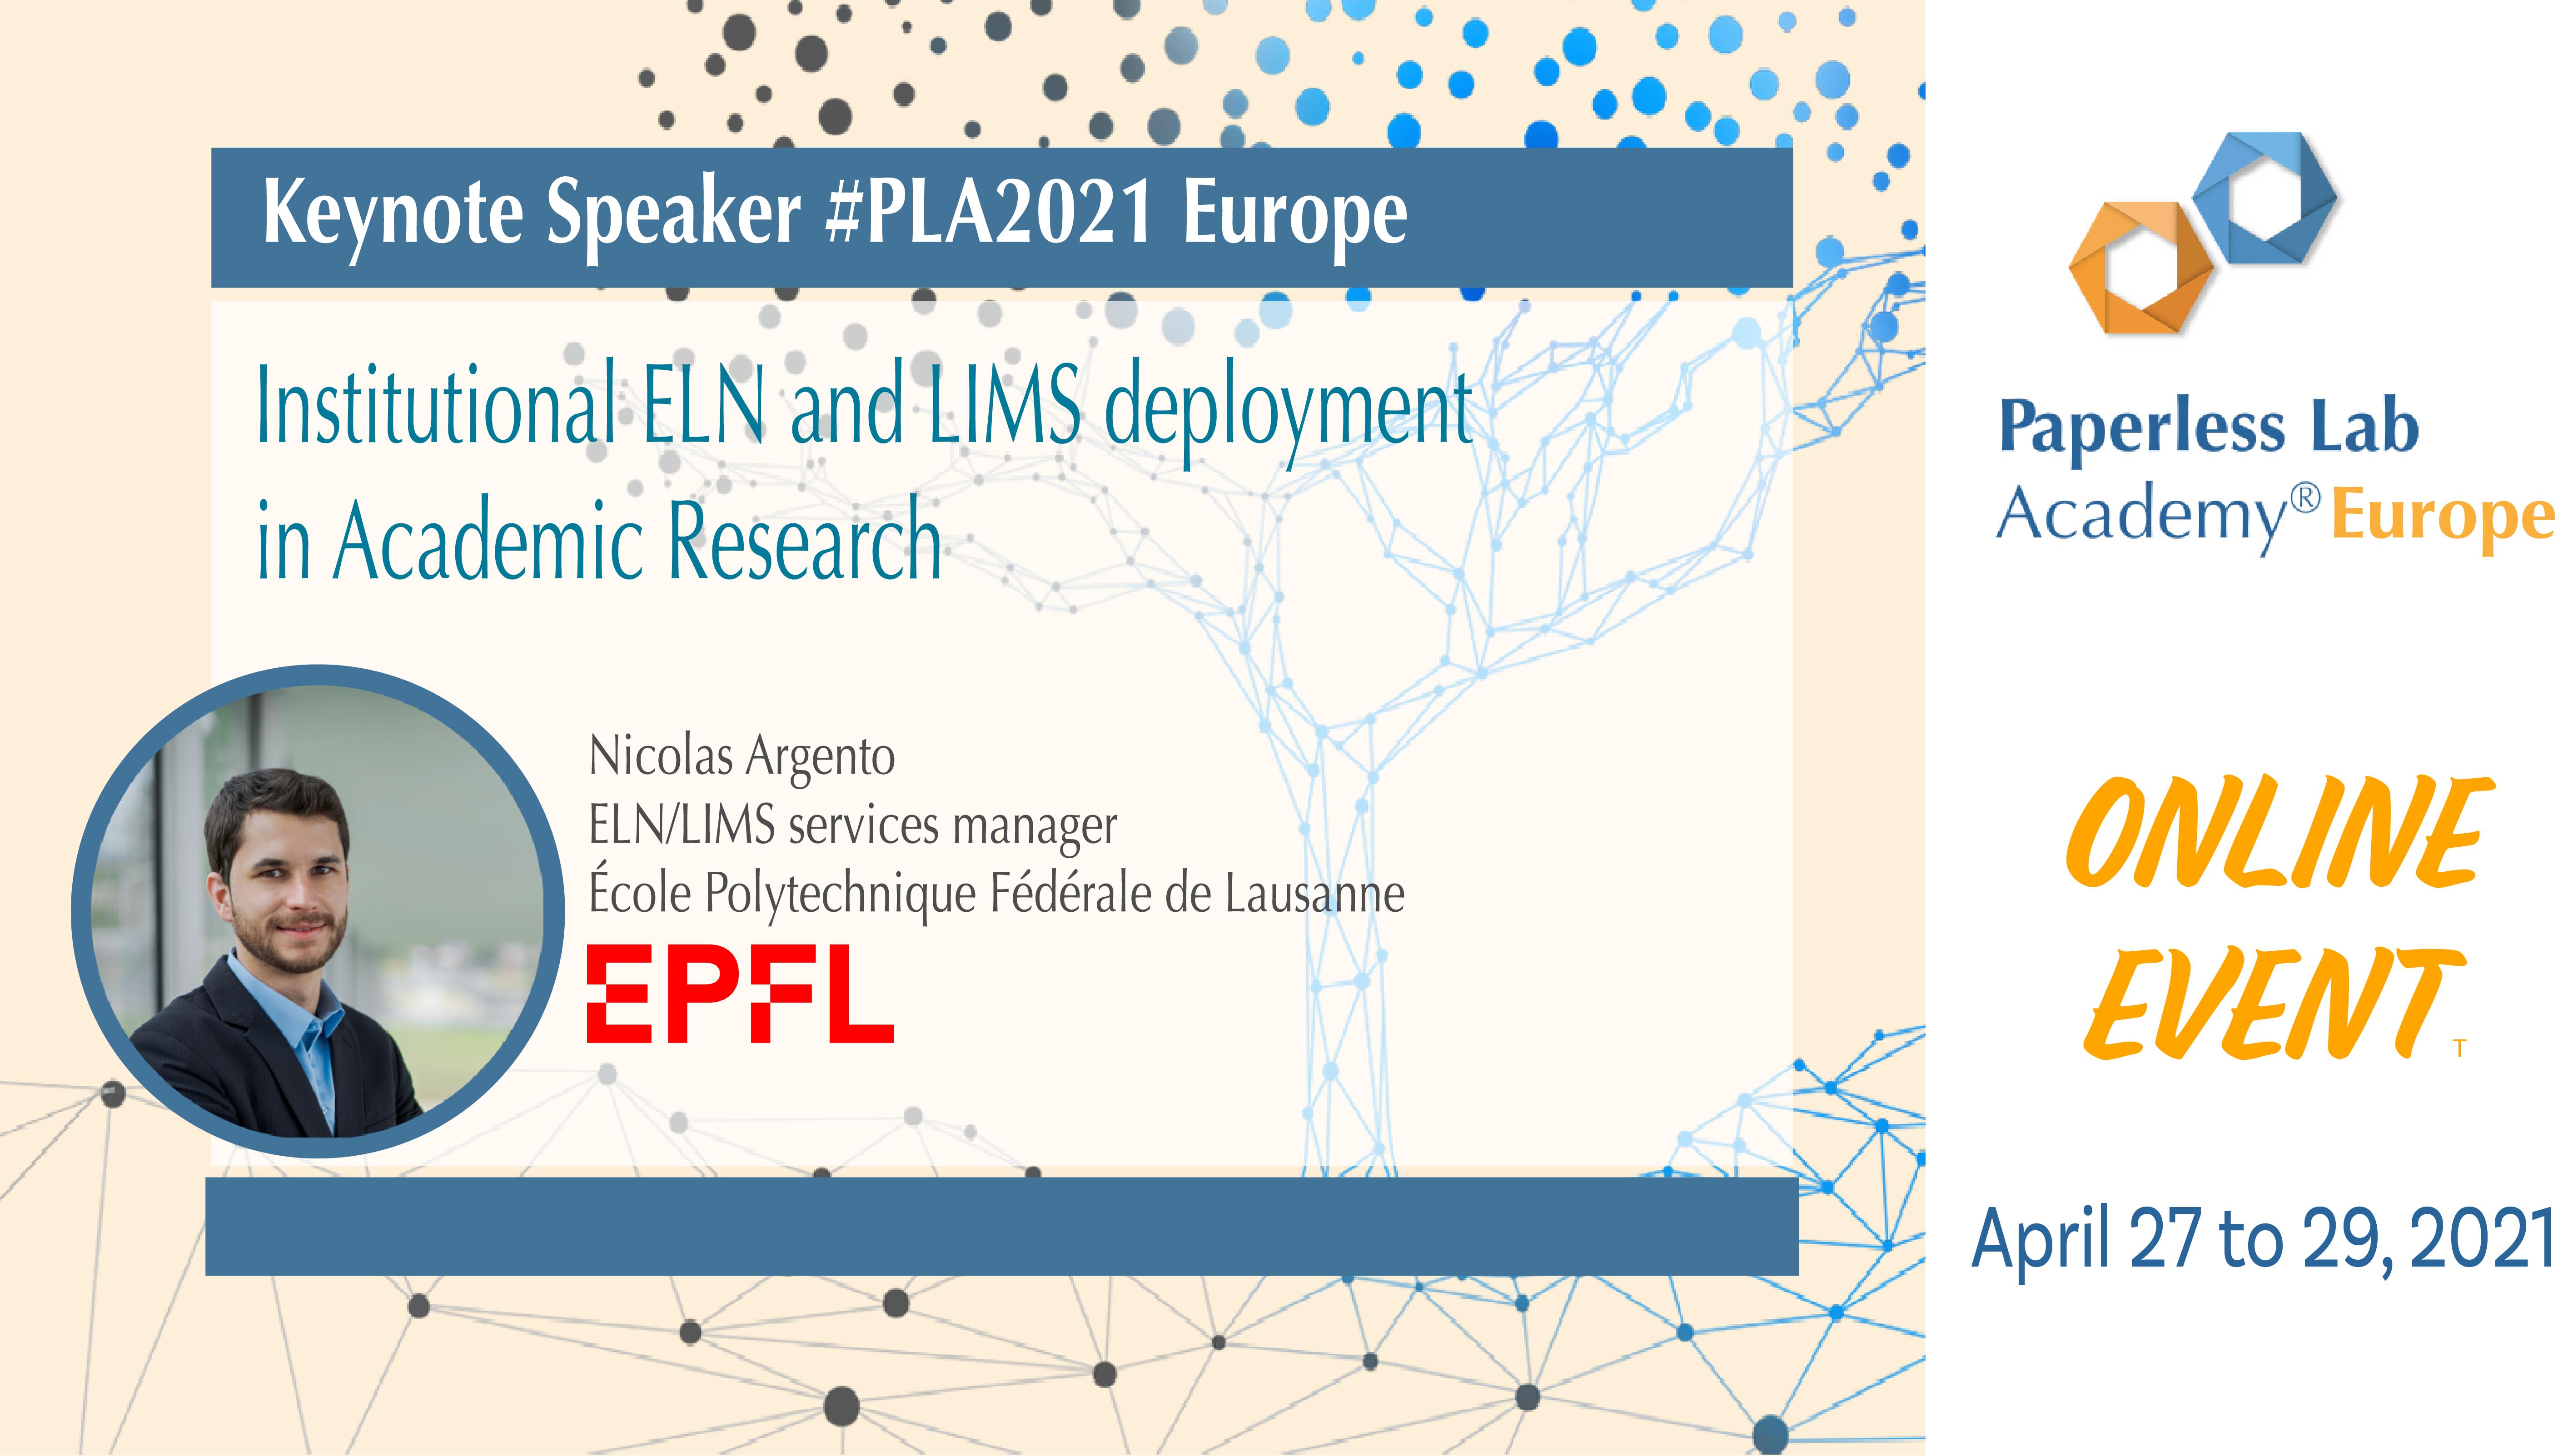 Nicolas Argento EPFL PLA2021